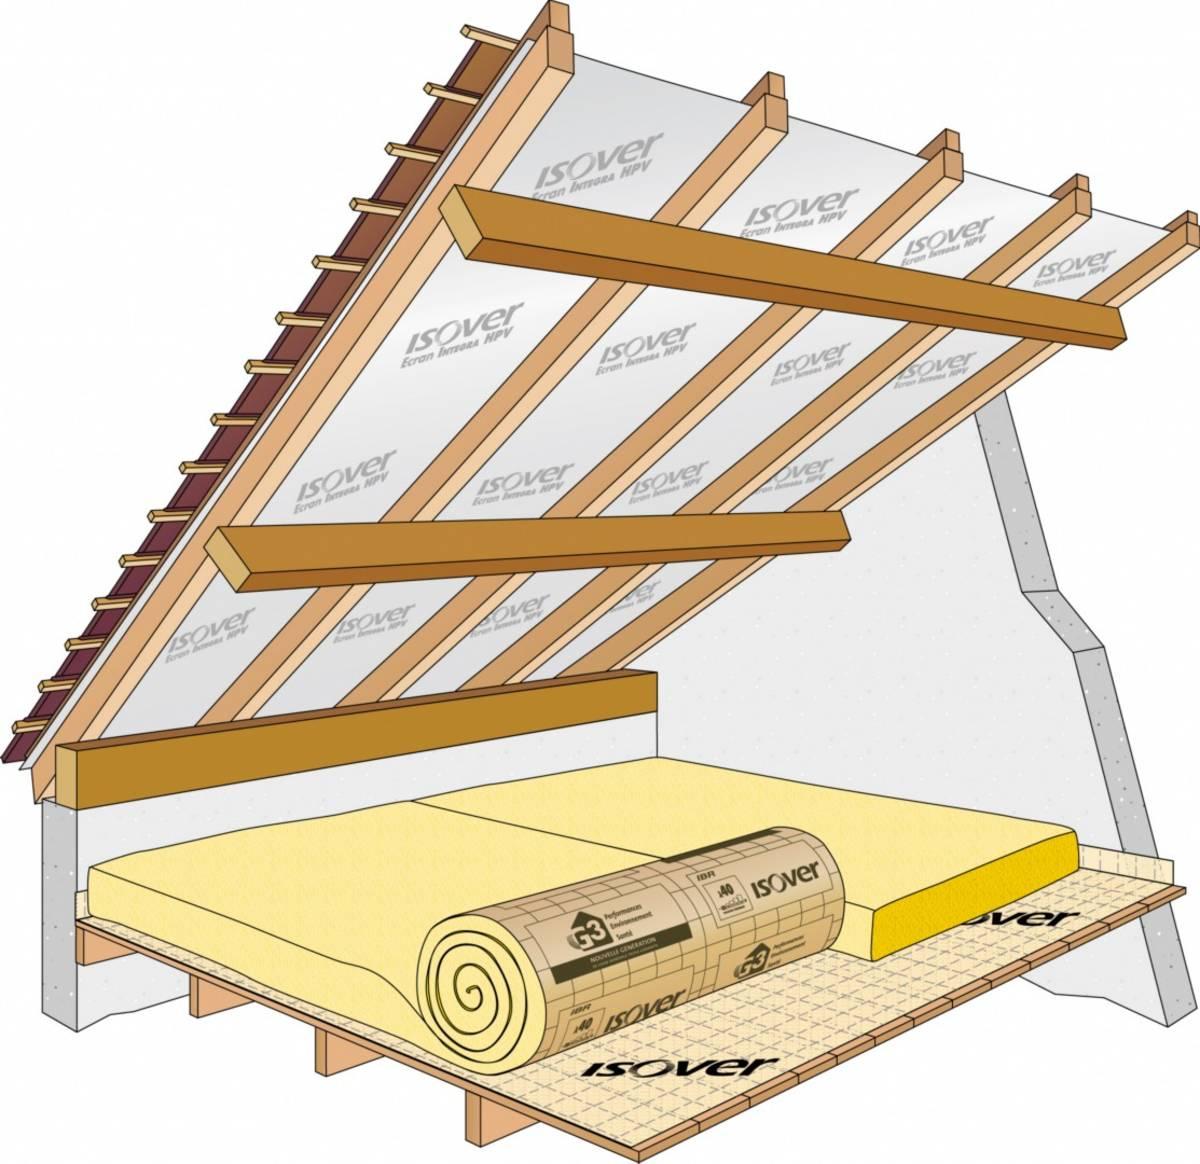 rouleau de laine de verre ibr revetu kraft ep 200 mm colis de 6 m mba bois et construction. Black Bedroom Furniture Sets. Home Design Ideas